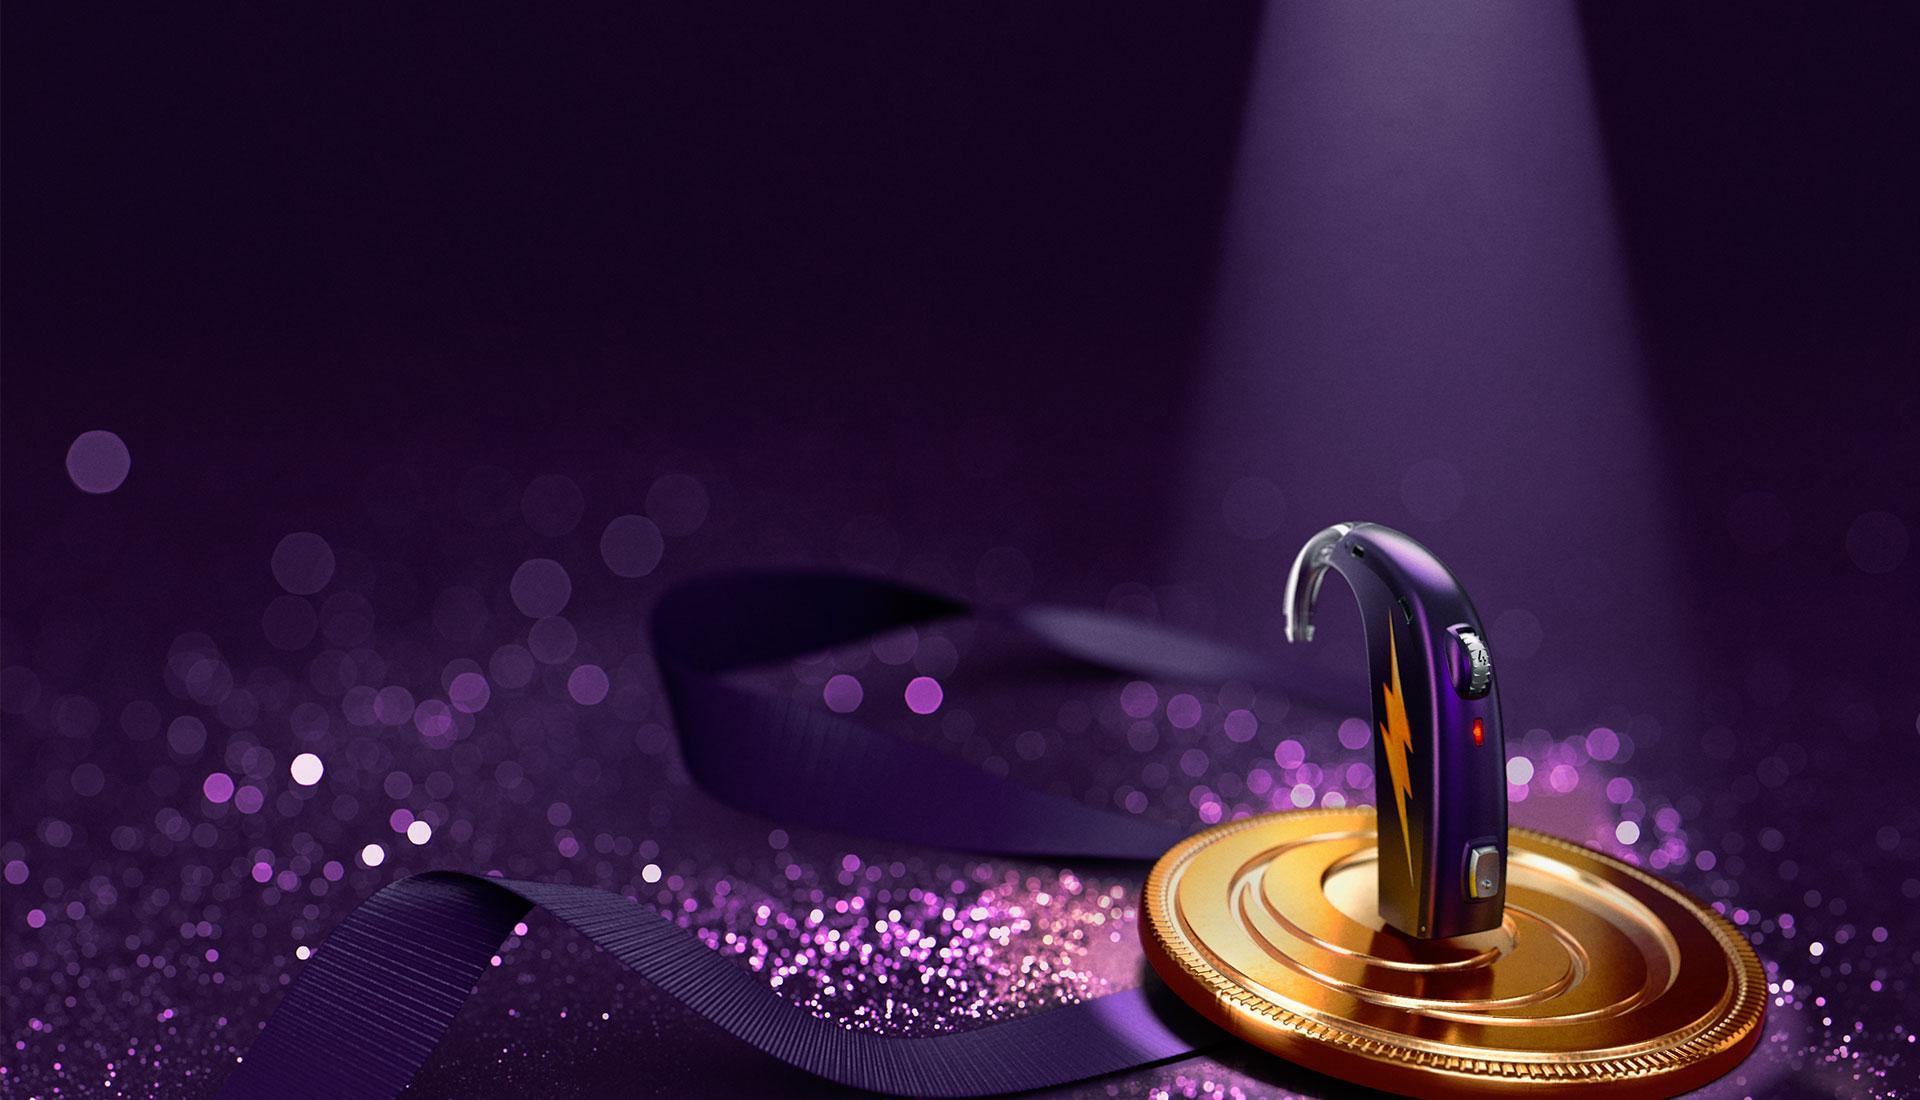 appareil auditif violet dans la lumière avec ruban et paillettes